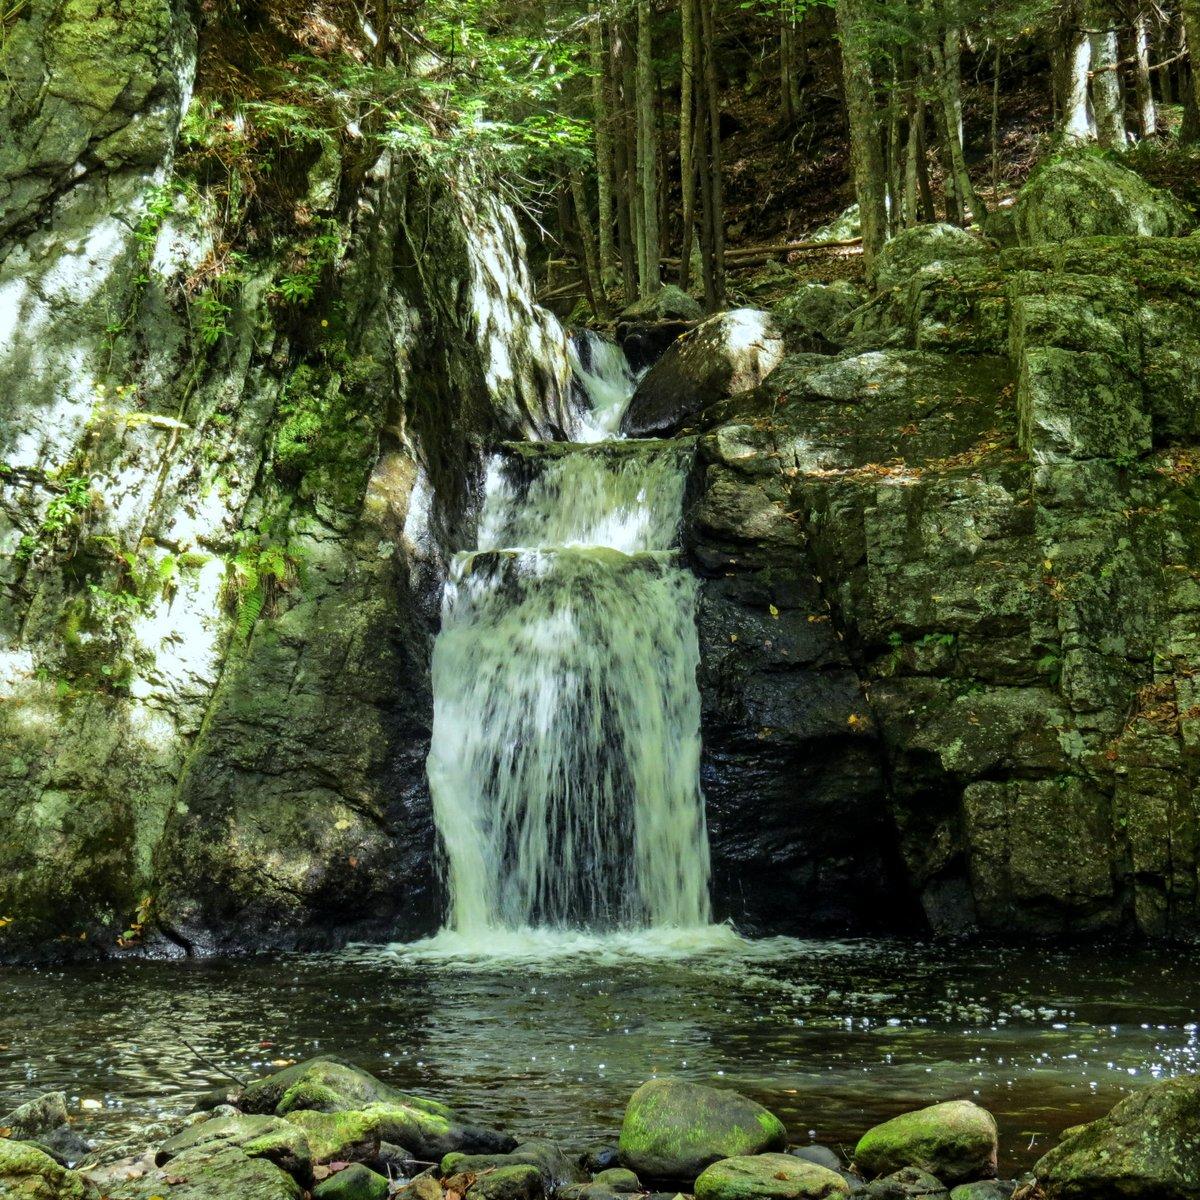 8. Beaver Brook Falls